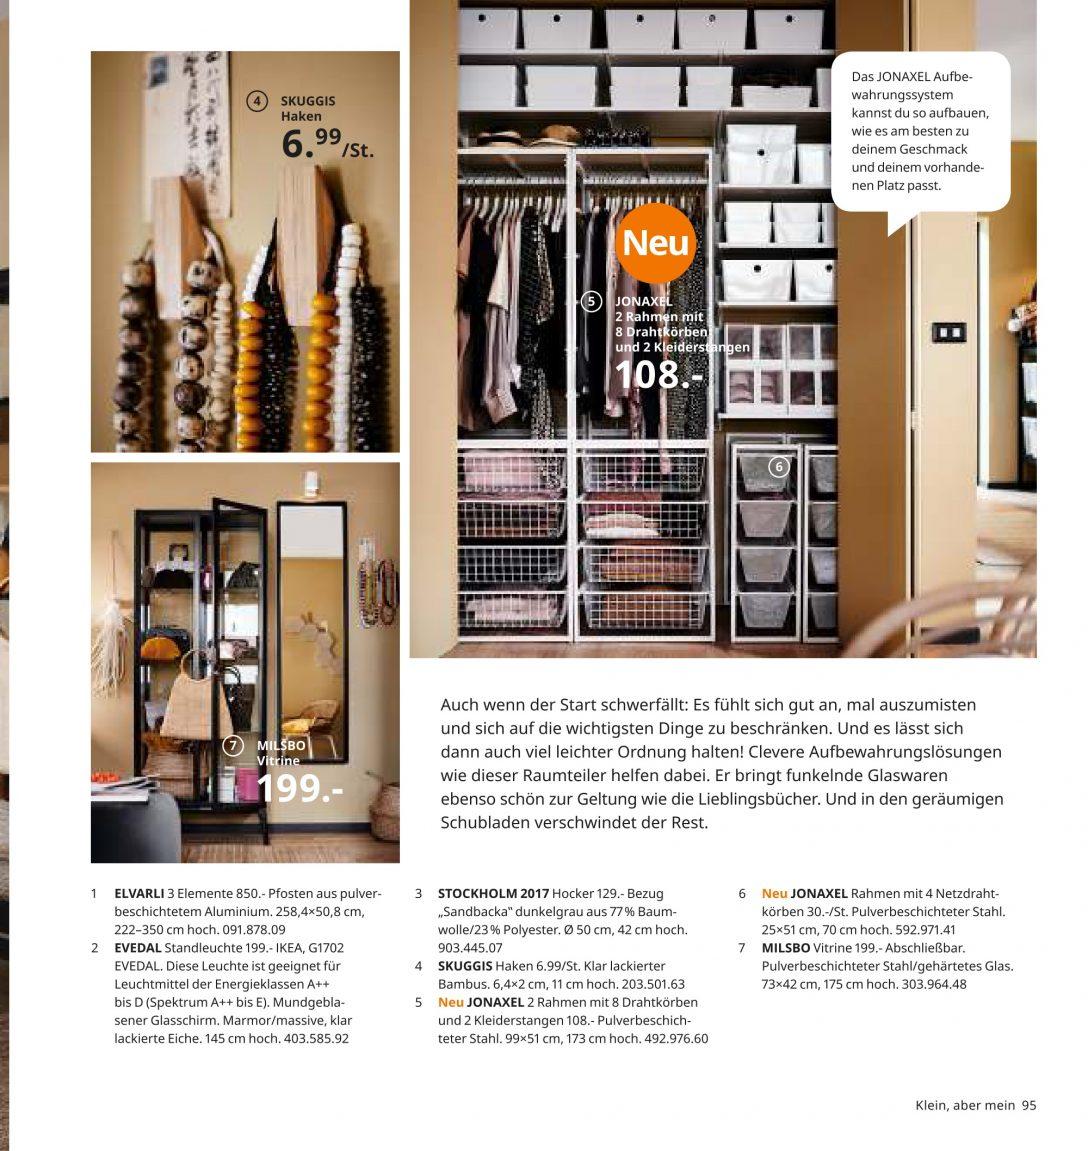 Large Size of Elvarli 3 Elemente Im Angebot Bei Ikea Kupinode Sofa Mit Schlaffunktion Betten Regal Raumteiler Küche Kosten Modulküche Kaufen 160x200 Miniküche Wohnzimmer Ikea Raumteiler